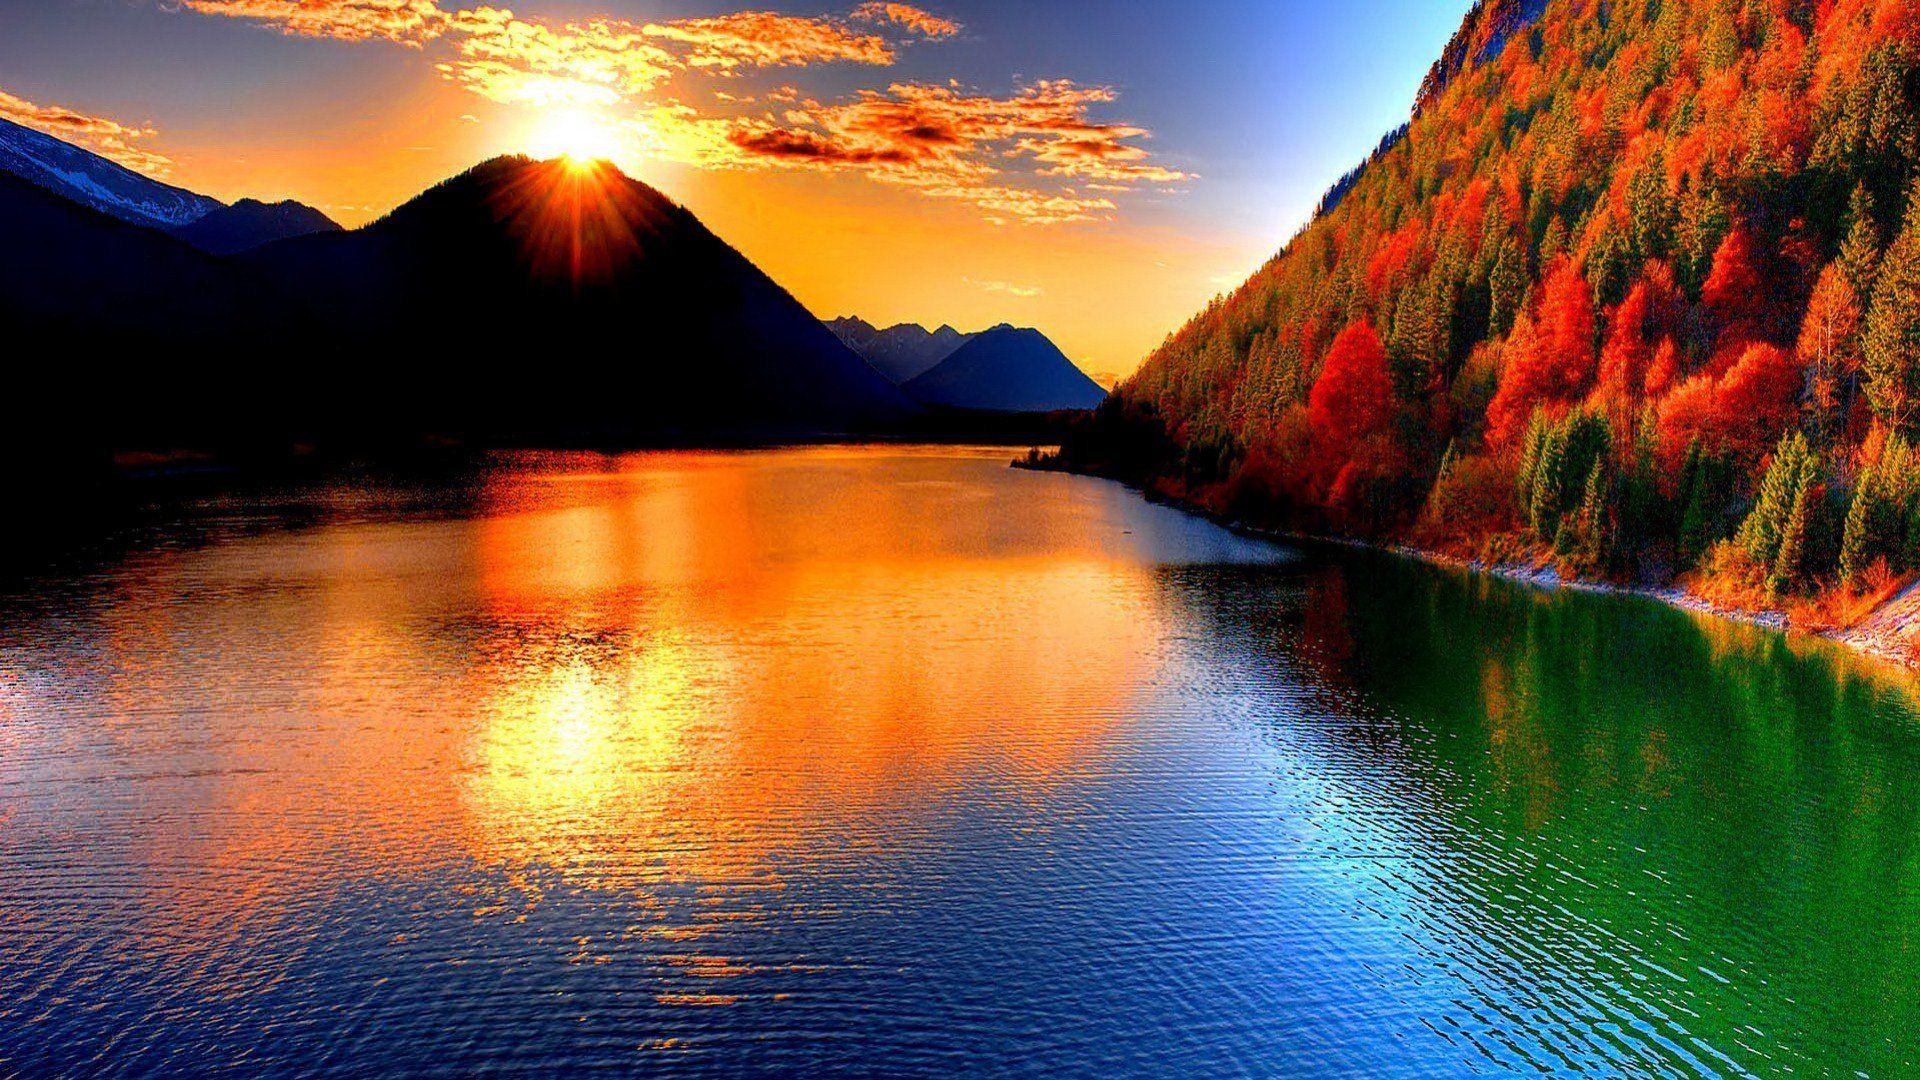 Wallpaper Desktop Nature Sunset